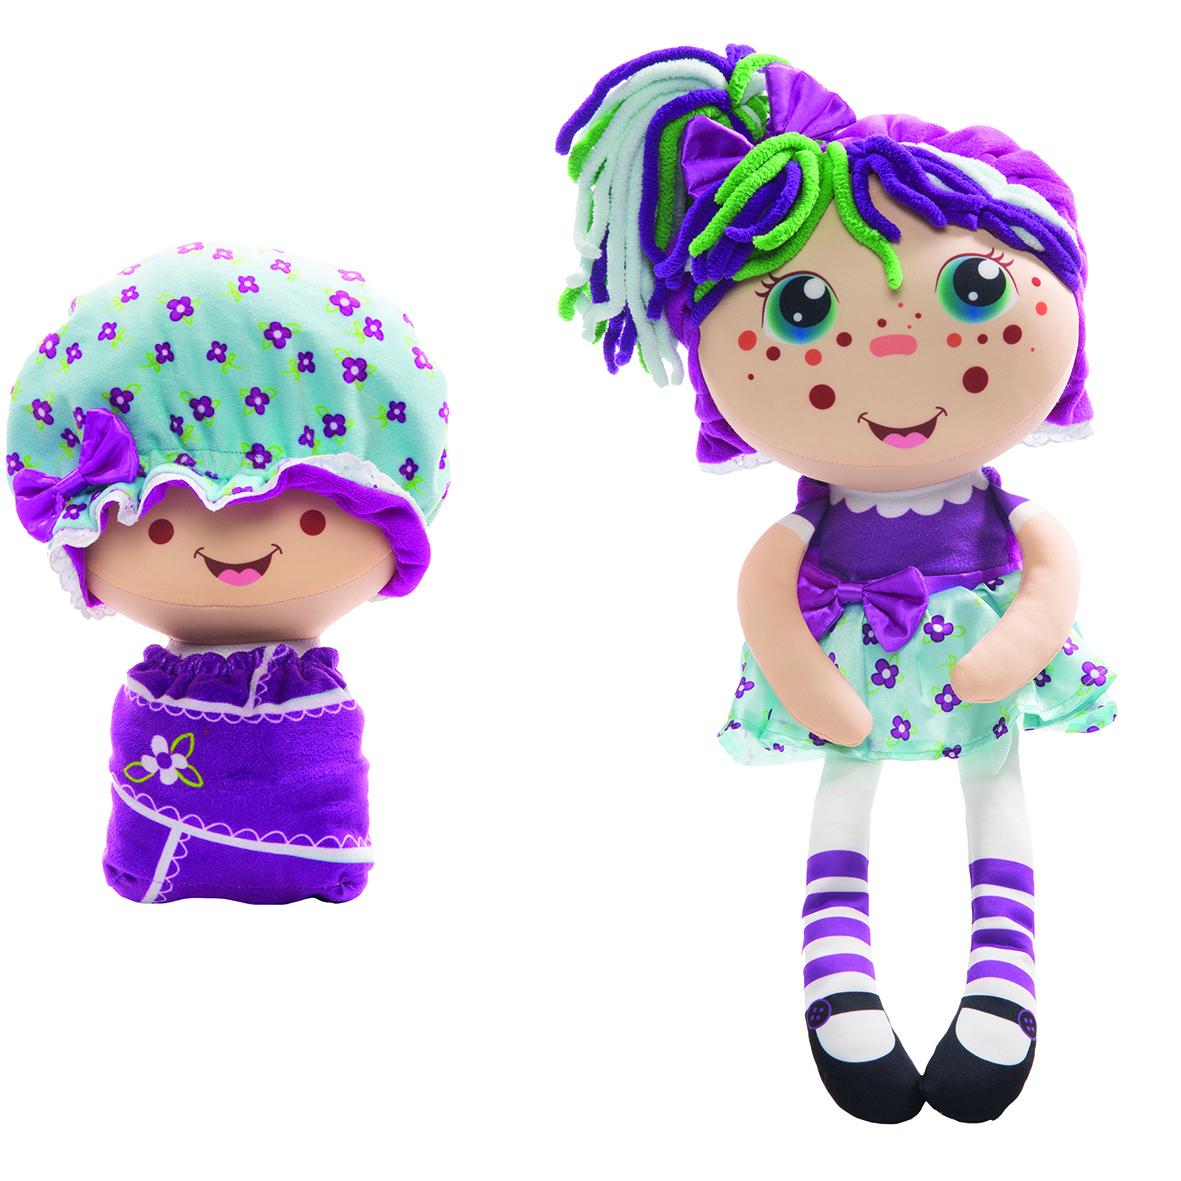 Мягкие игрушки 1toy Девчушка-вывернушка Варюшка мягкая игрушка девчушка вывернушка ксюшка 2в1 23 38 см